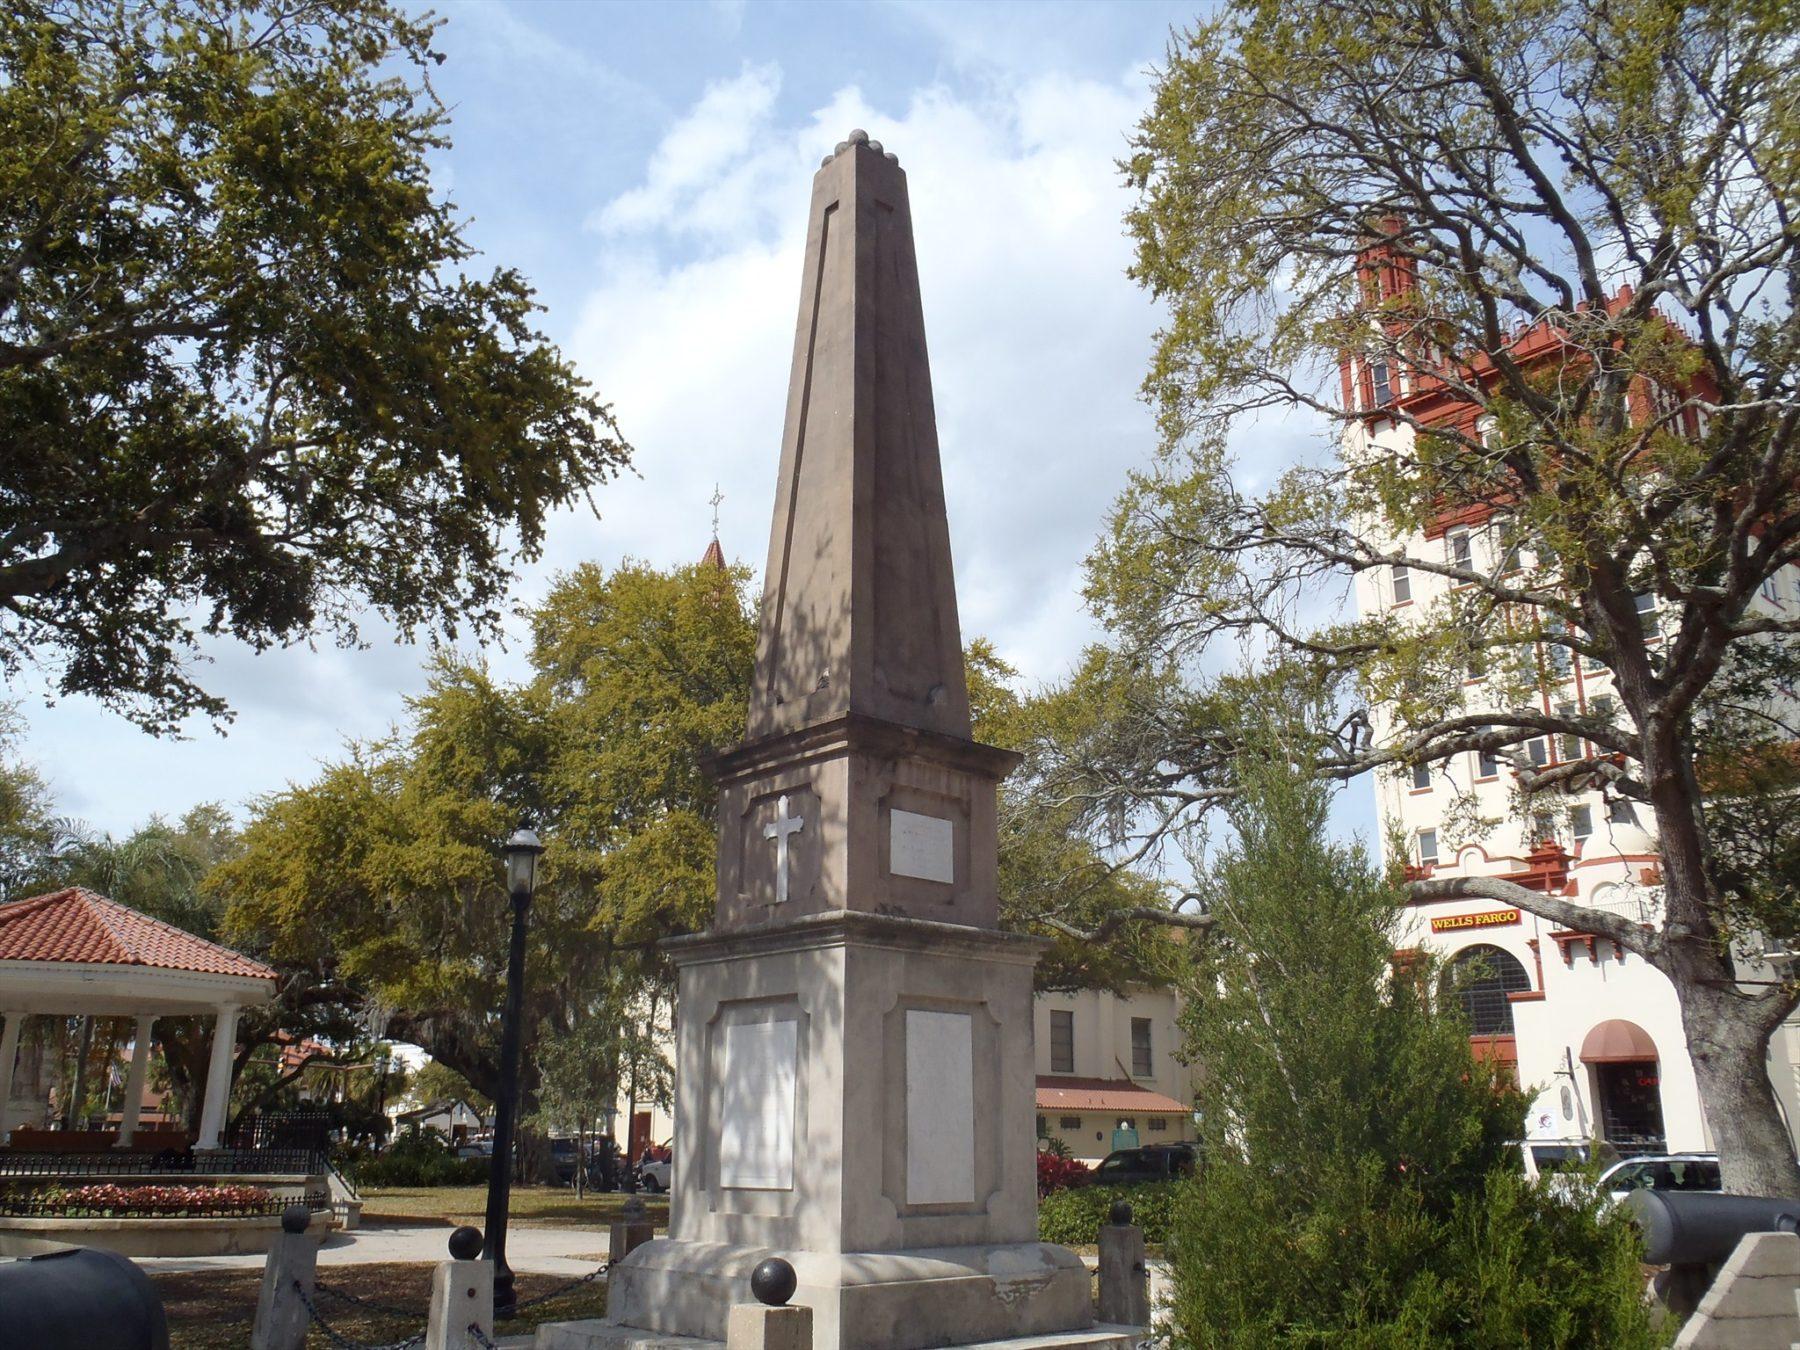 Monument-to-Confederate-Dead-Plaza-de-la-Constitución-St.-Augustine-2-e1592824556979.jpg